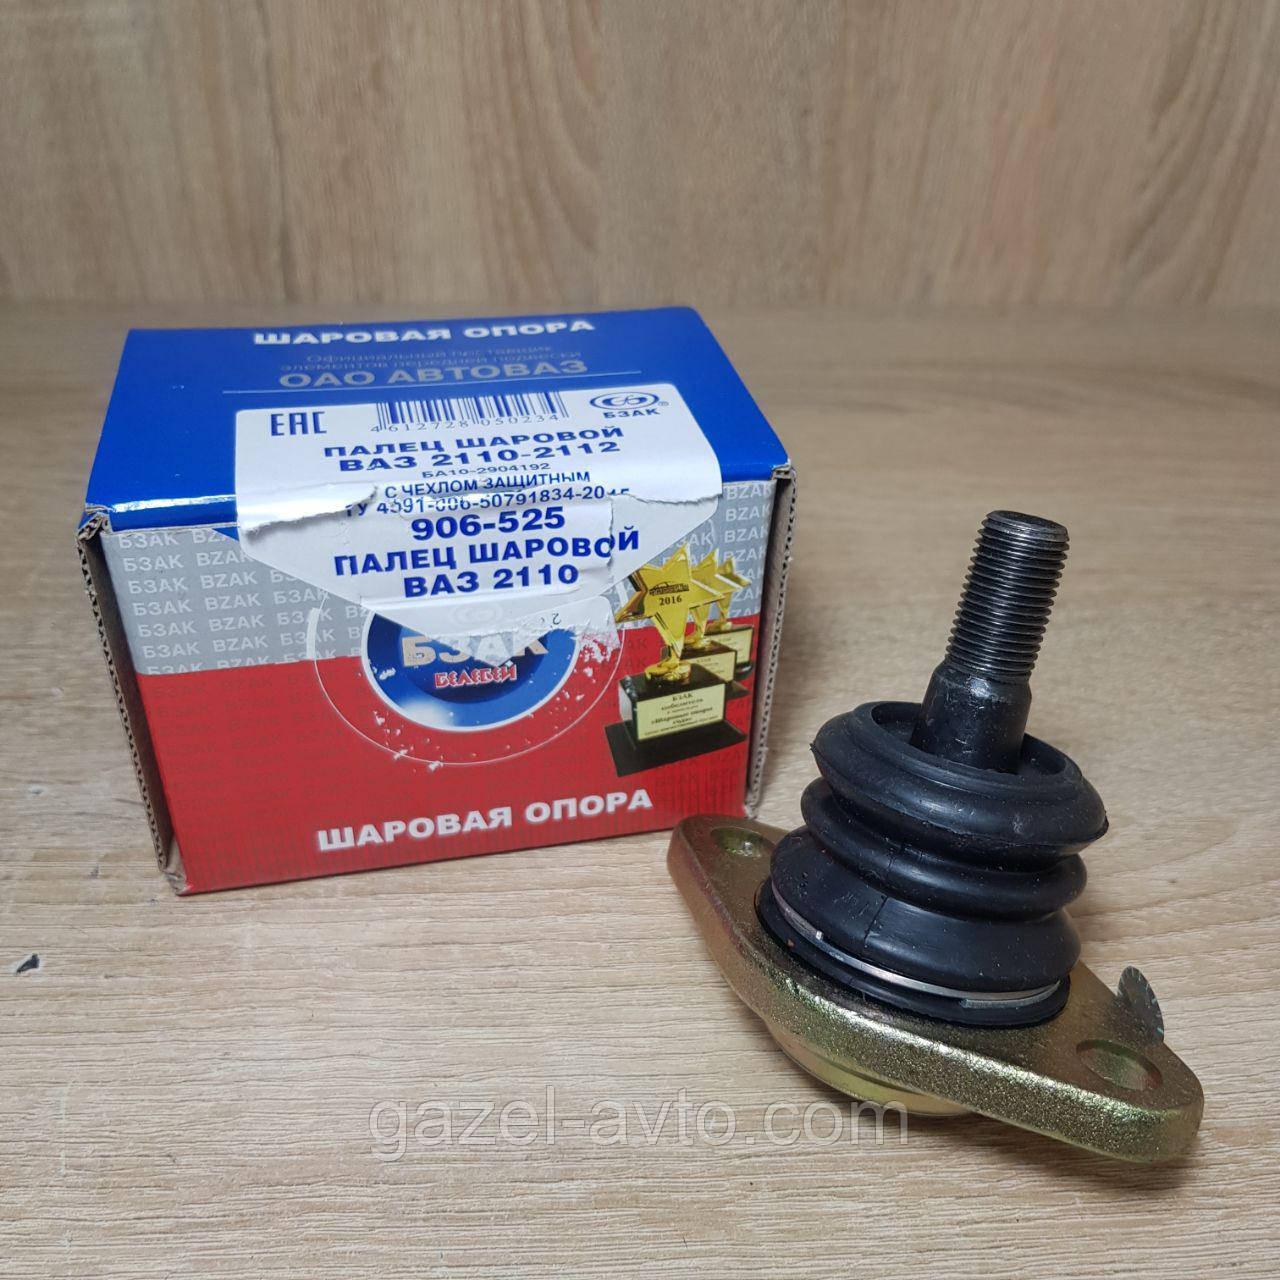 Шаровая опора ВАЗ 2108 2109 2110 с пыльником (пр-во БЗАК)